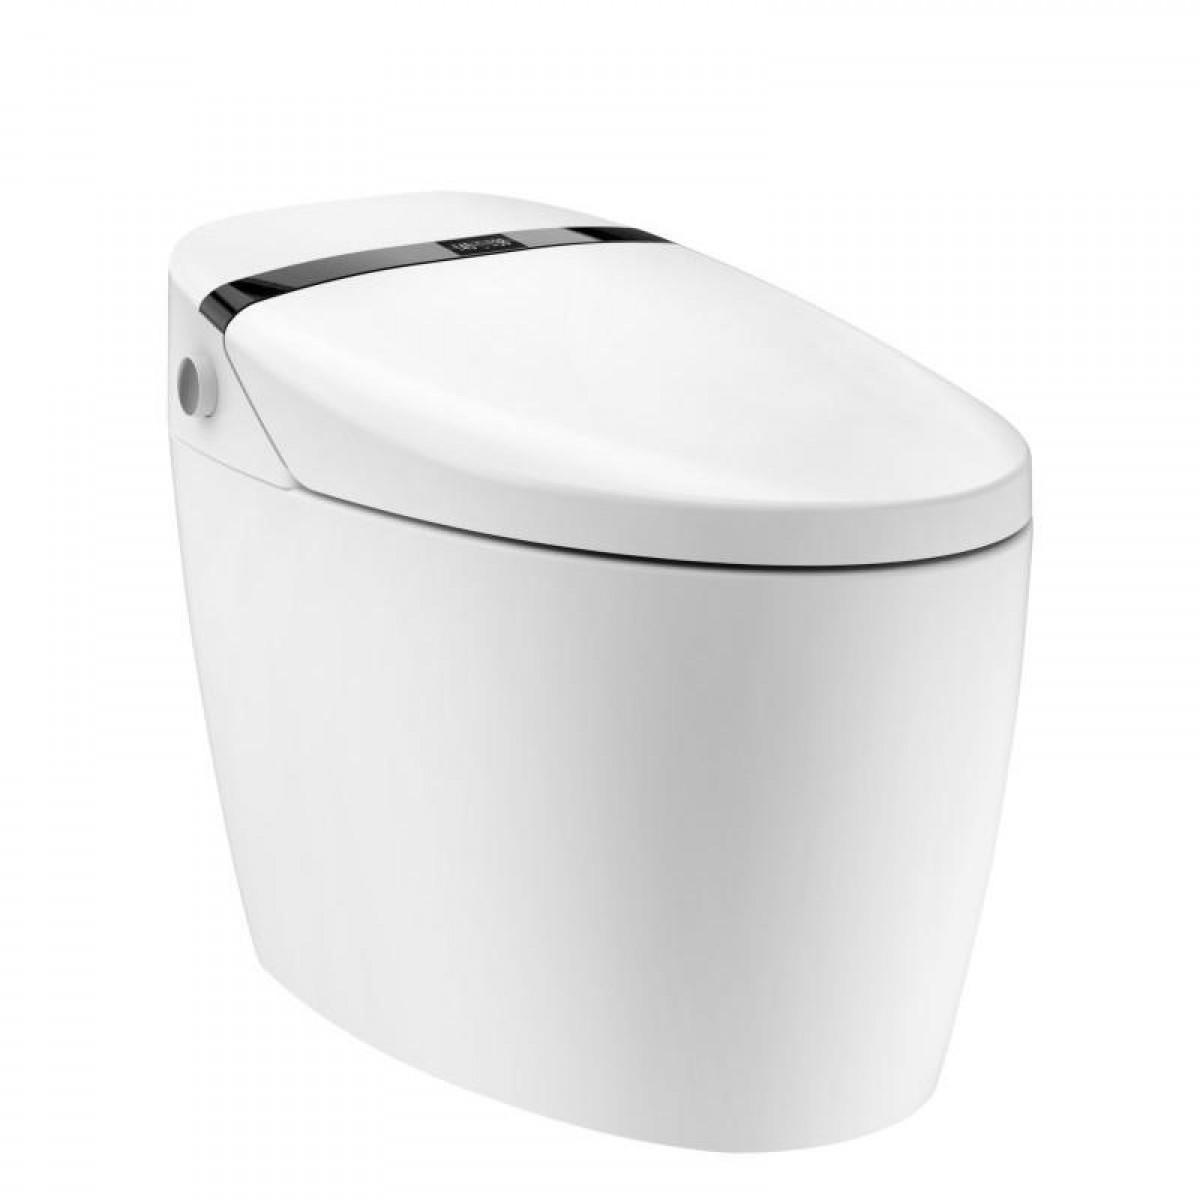 慢道卫浴 家用厕所老人小孩大人智能坐便器无水箱即热式 SMART1007